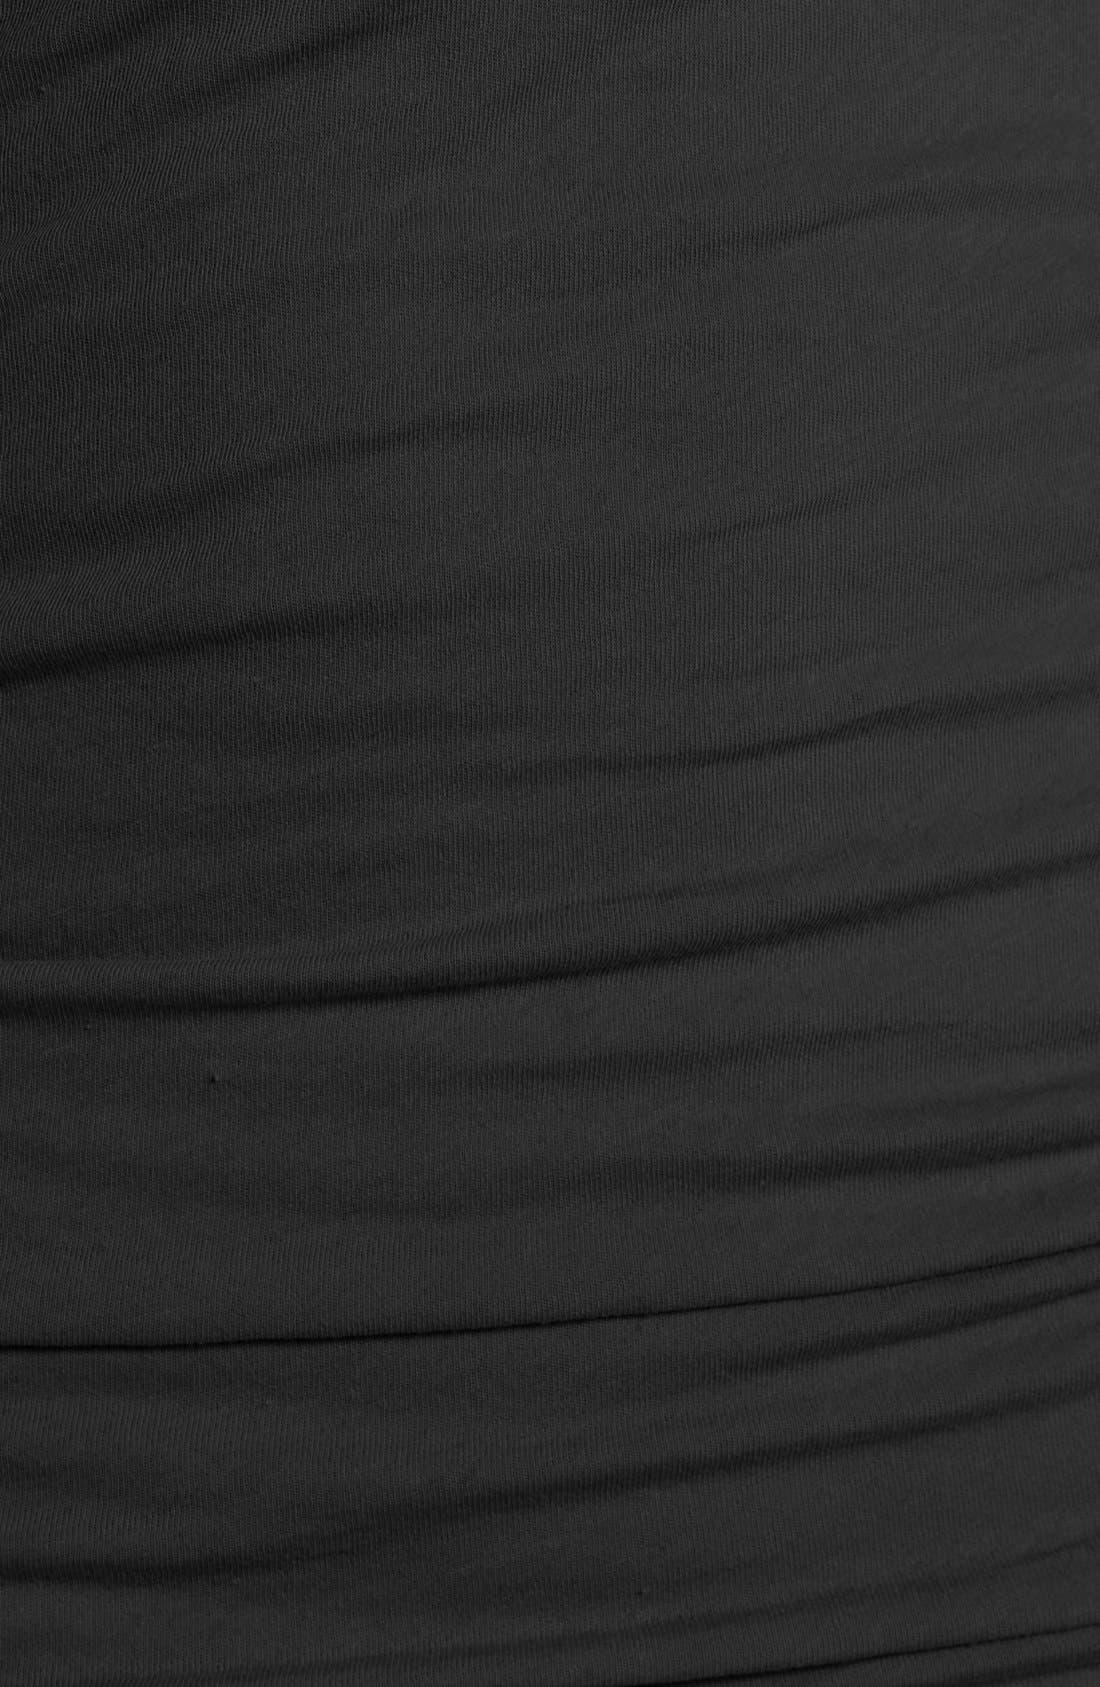 V-Neck Ruched Dress,                             Alternate thumbnail 2, color,                             001